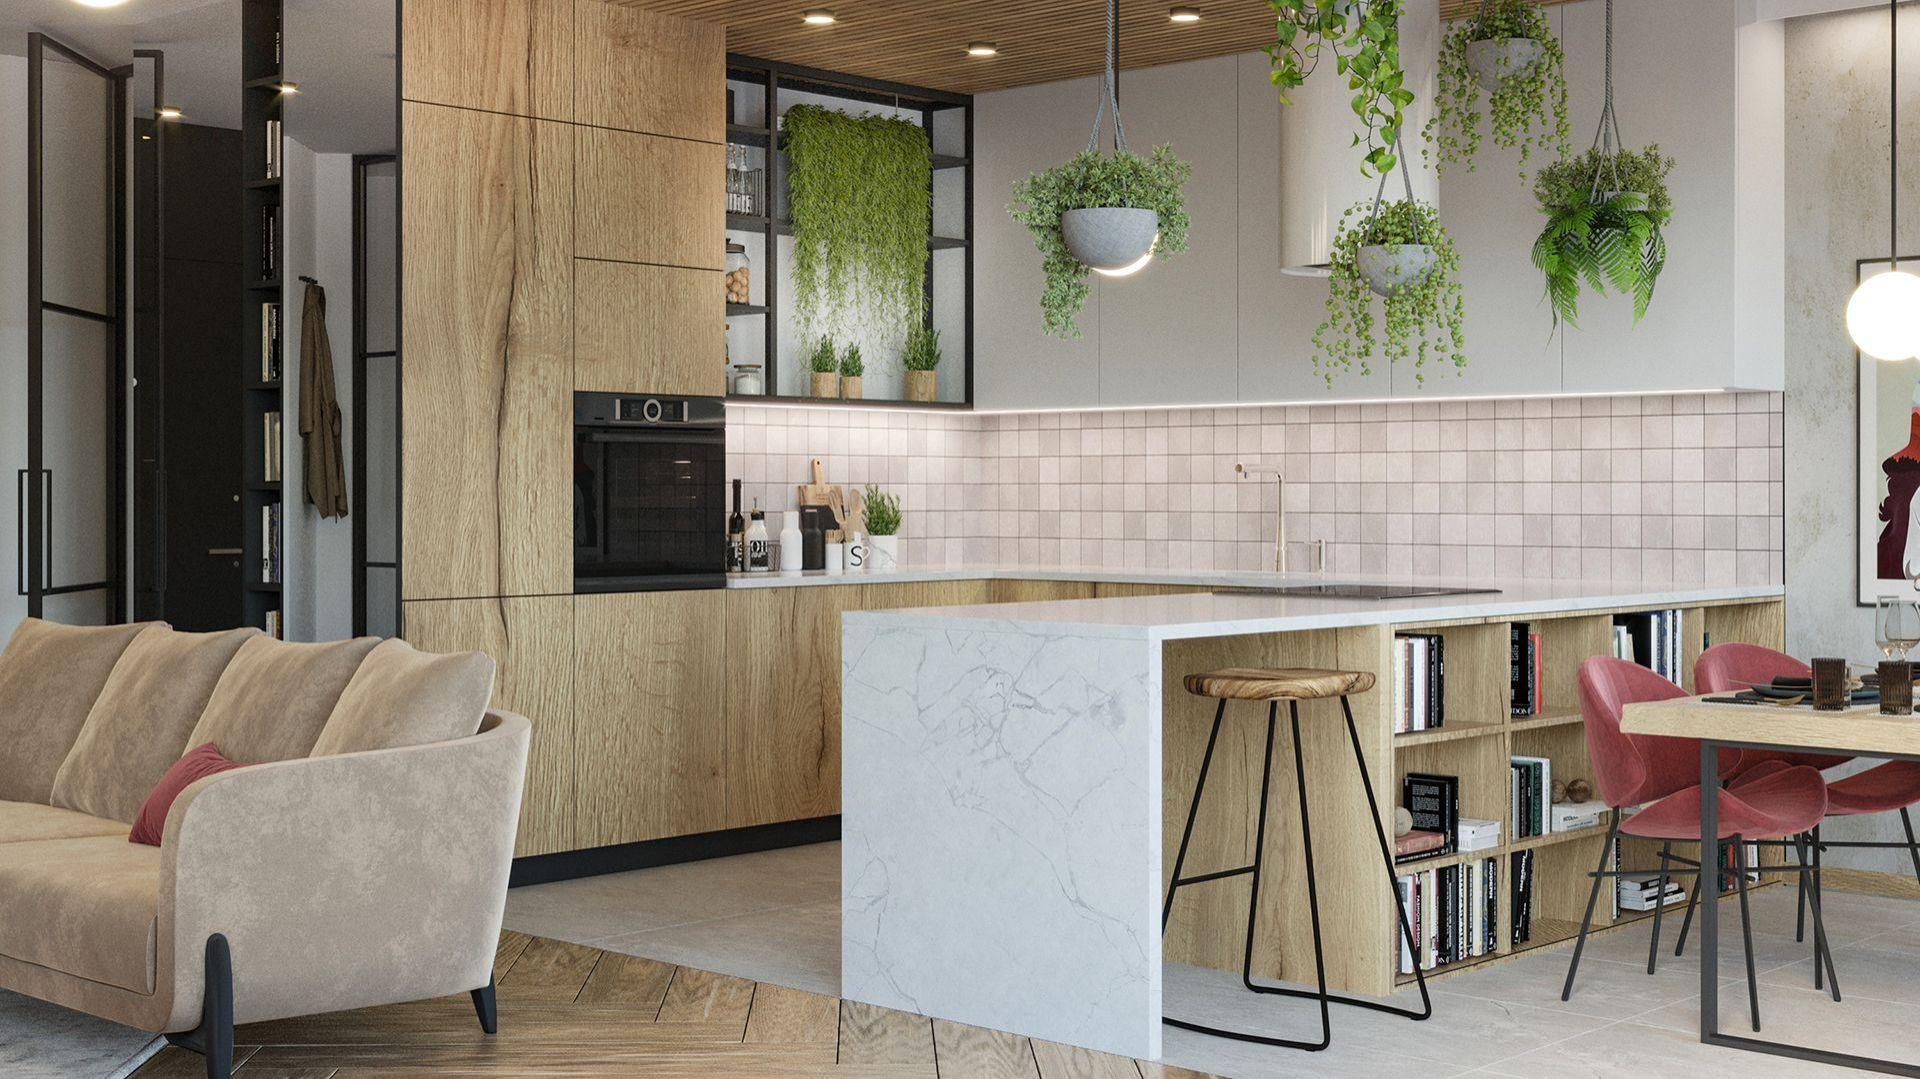 Mieszkanie zaprojektowane dla młodej kobiety, która ceni elegancję, naturę i kolory we wnętrzu. Projekt i wizualizacje: Agnieszka Rozmysłowicz, Viann Interior Design